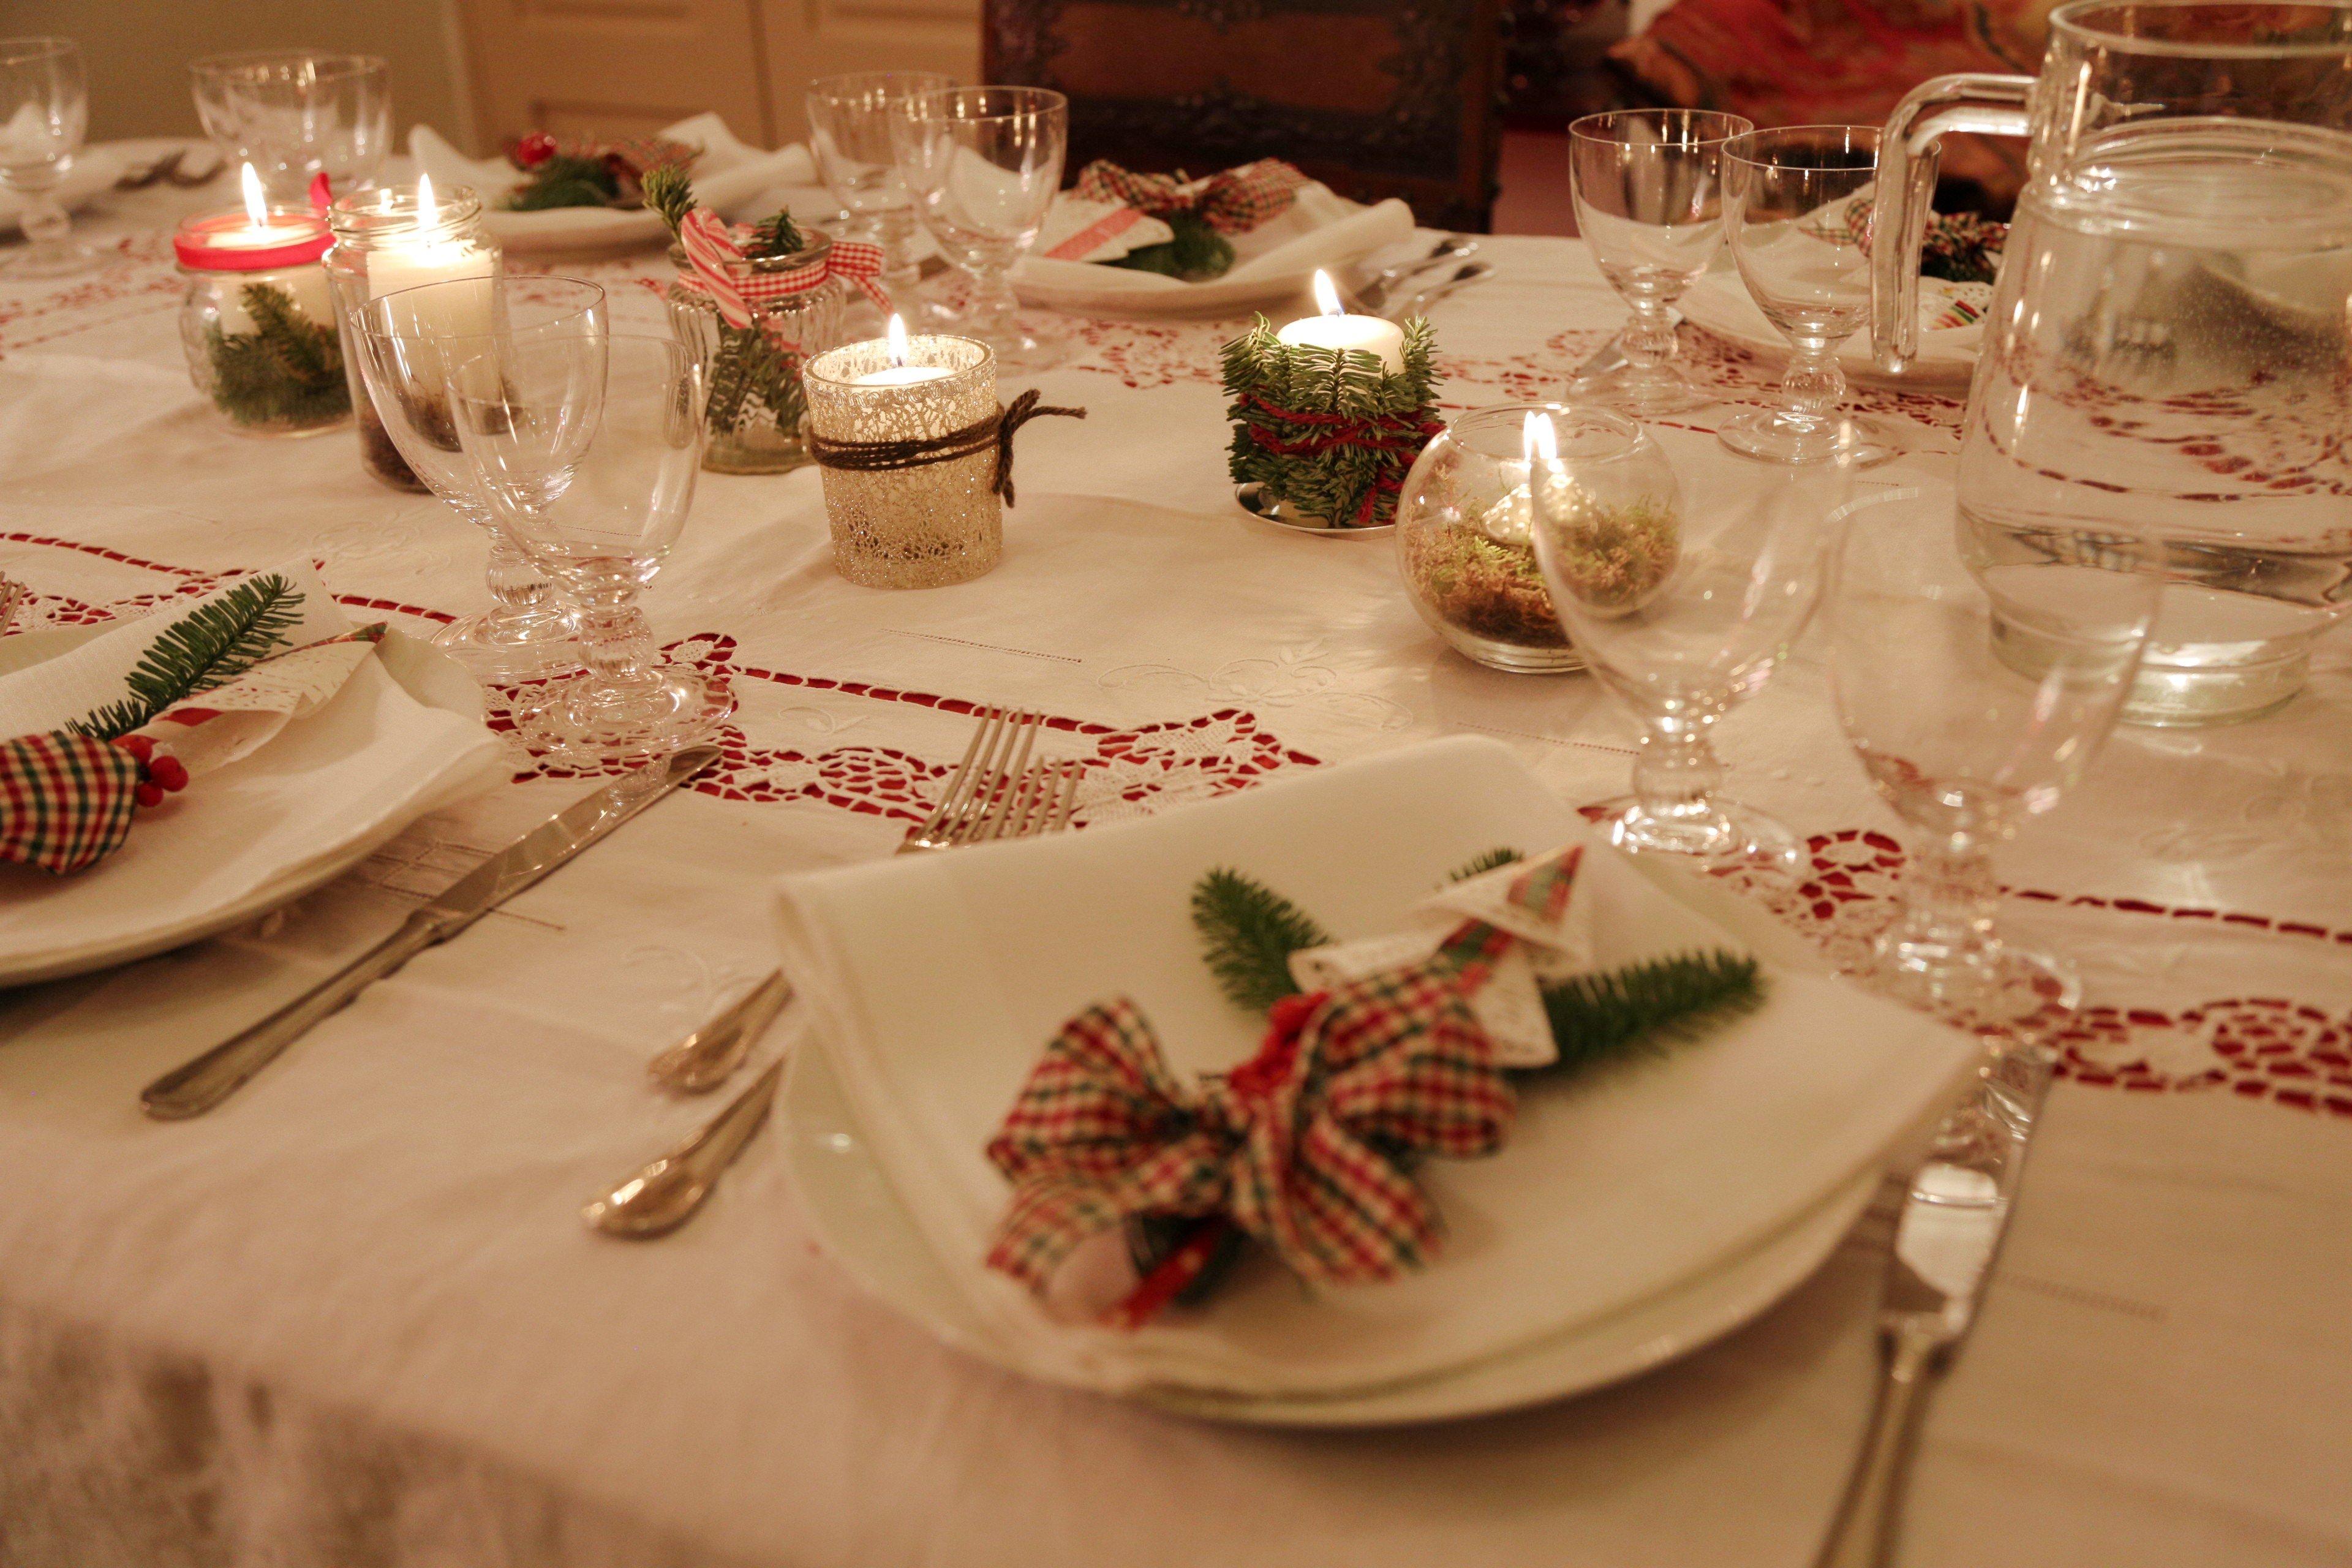 La tavola di capodanno a casa di ro - Capodanno a casa ...